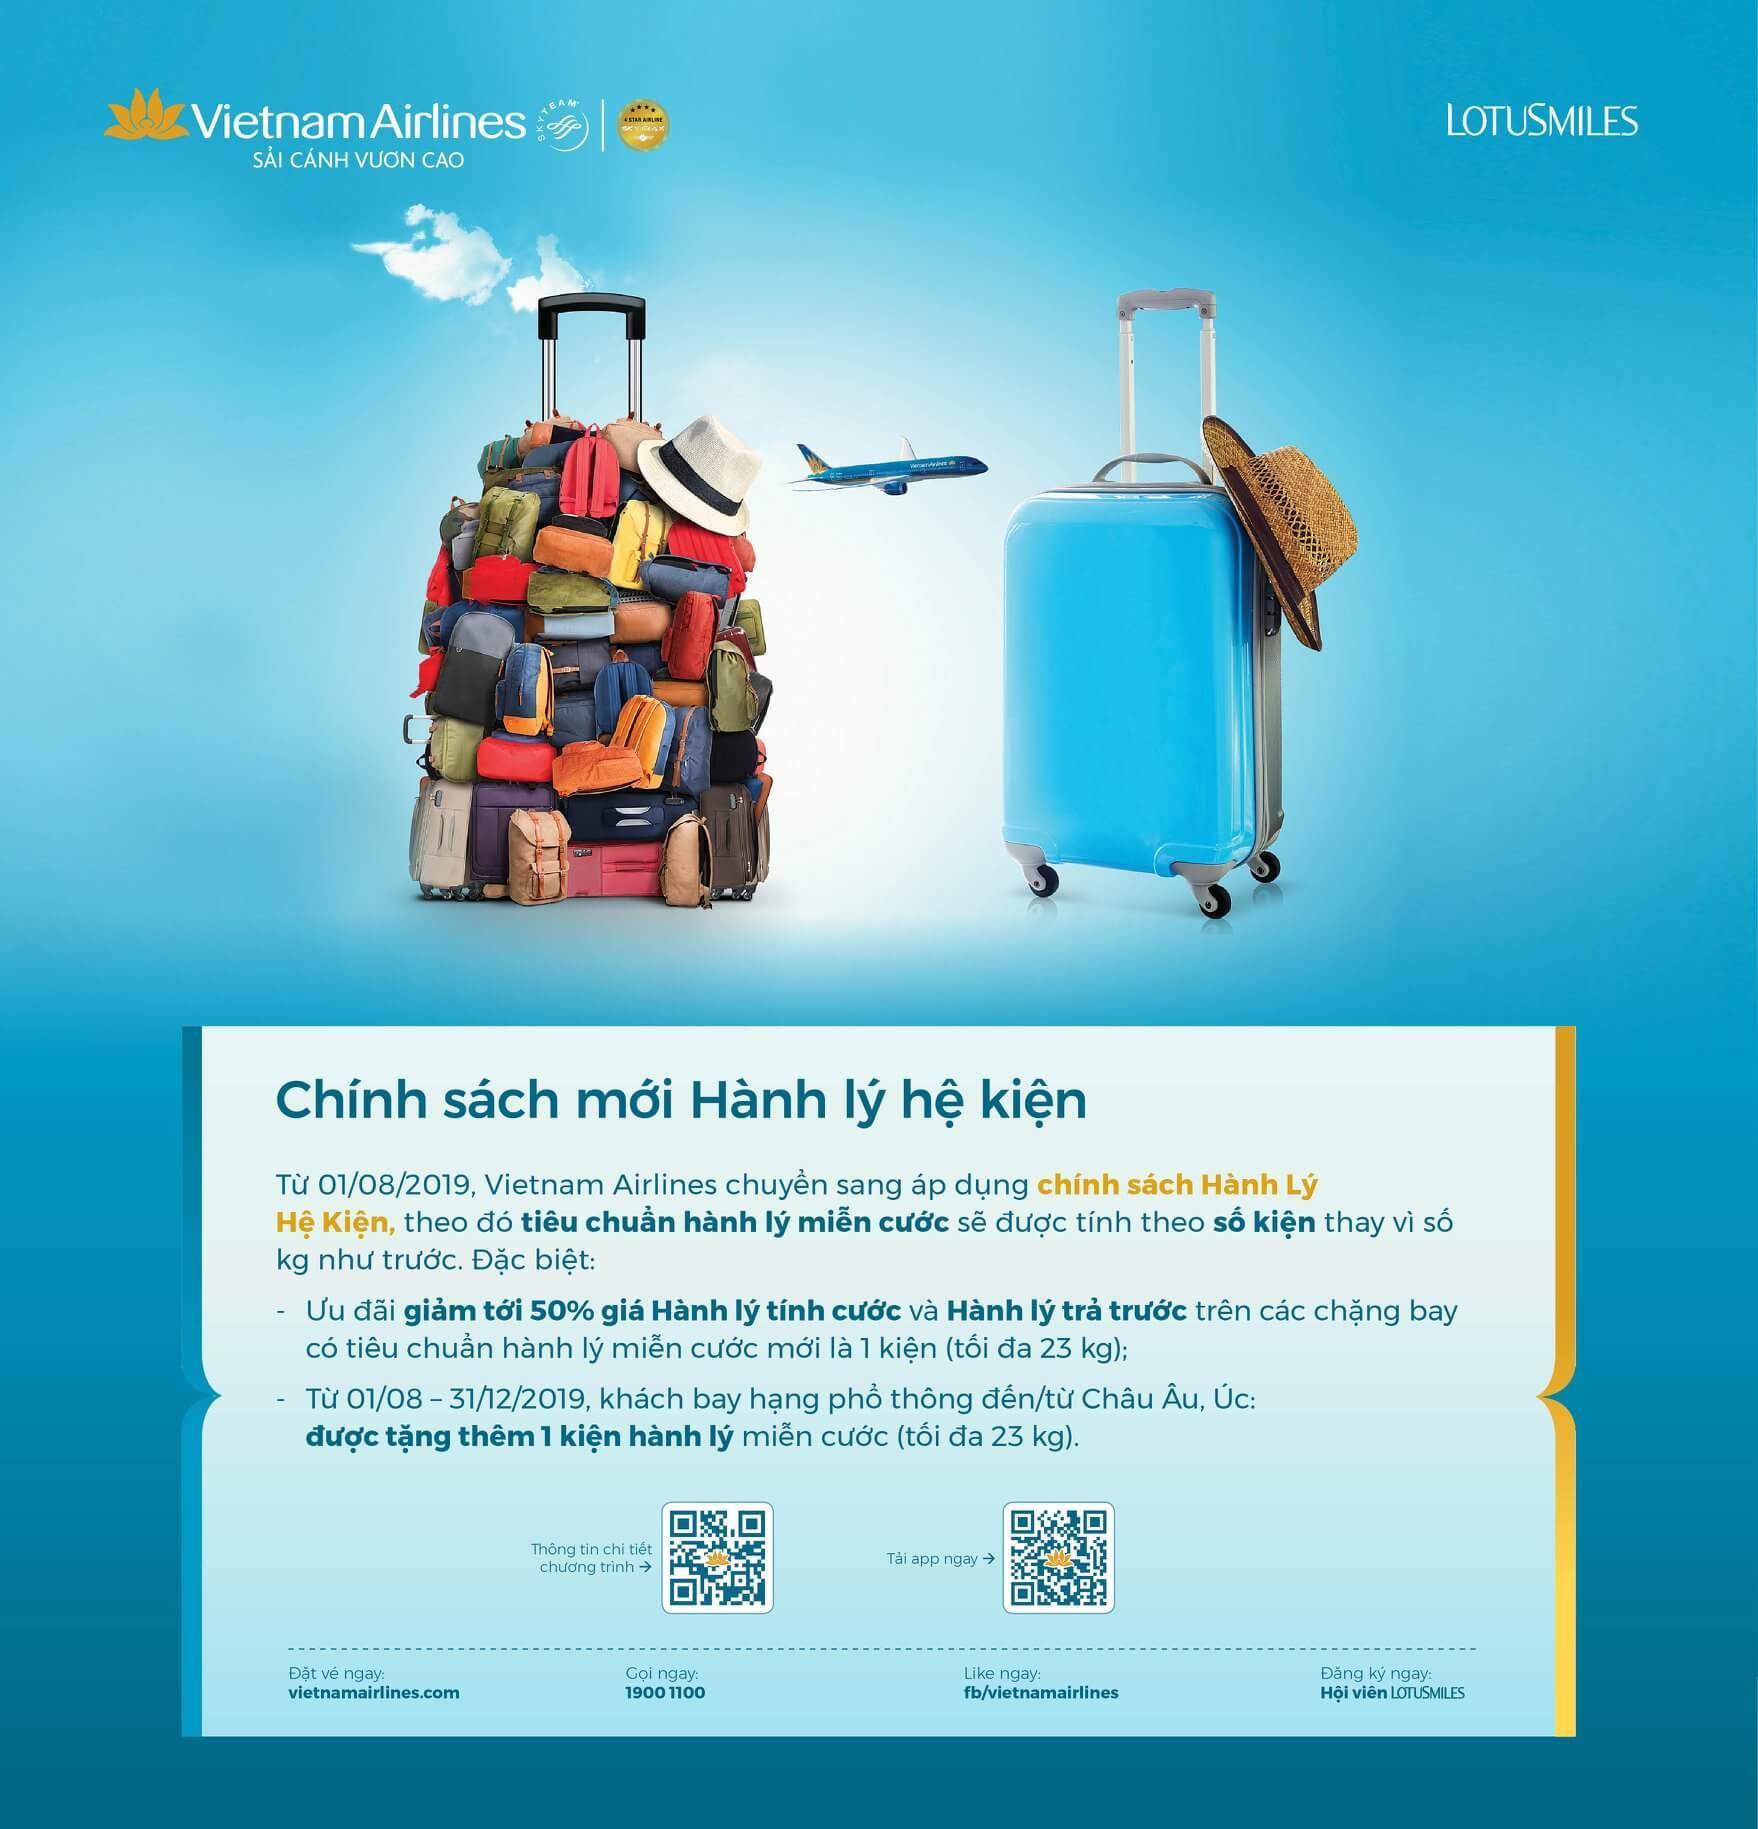 Vietnam Airlines chính thức chuyển sang chính sách hành lý hệ kiện